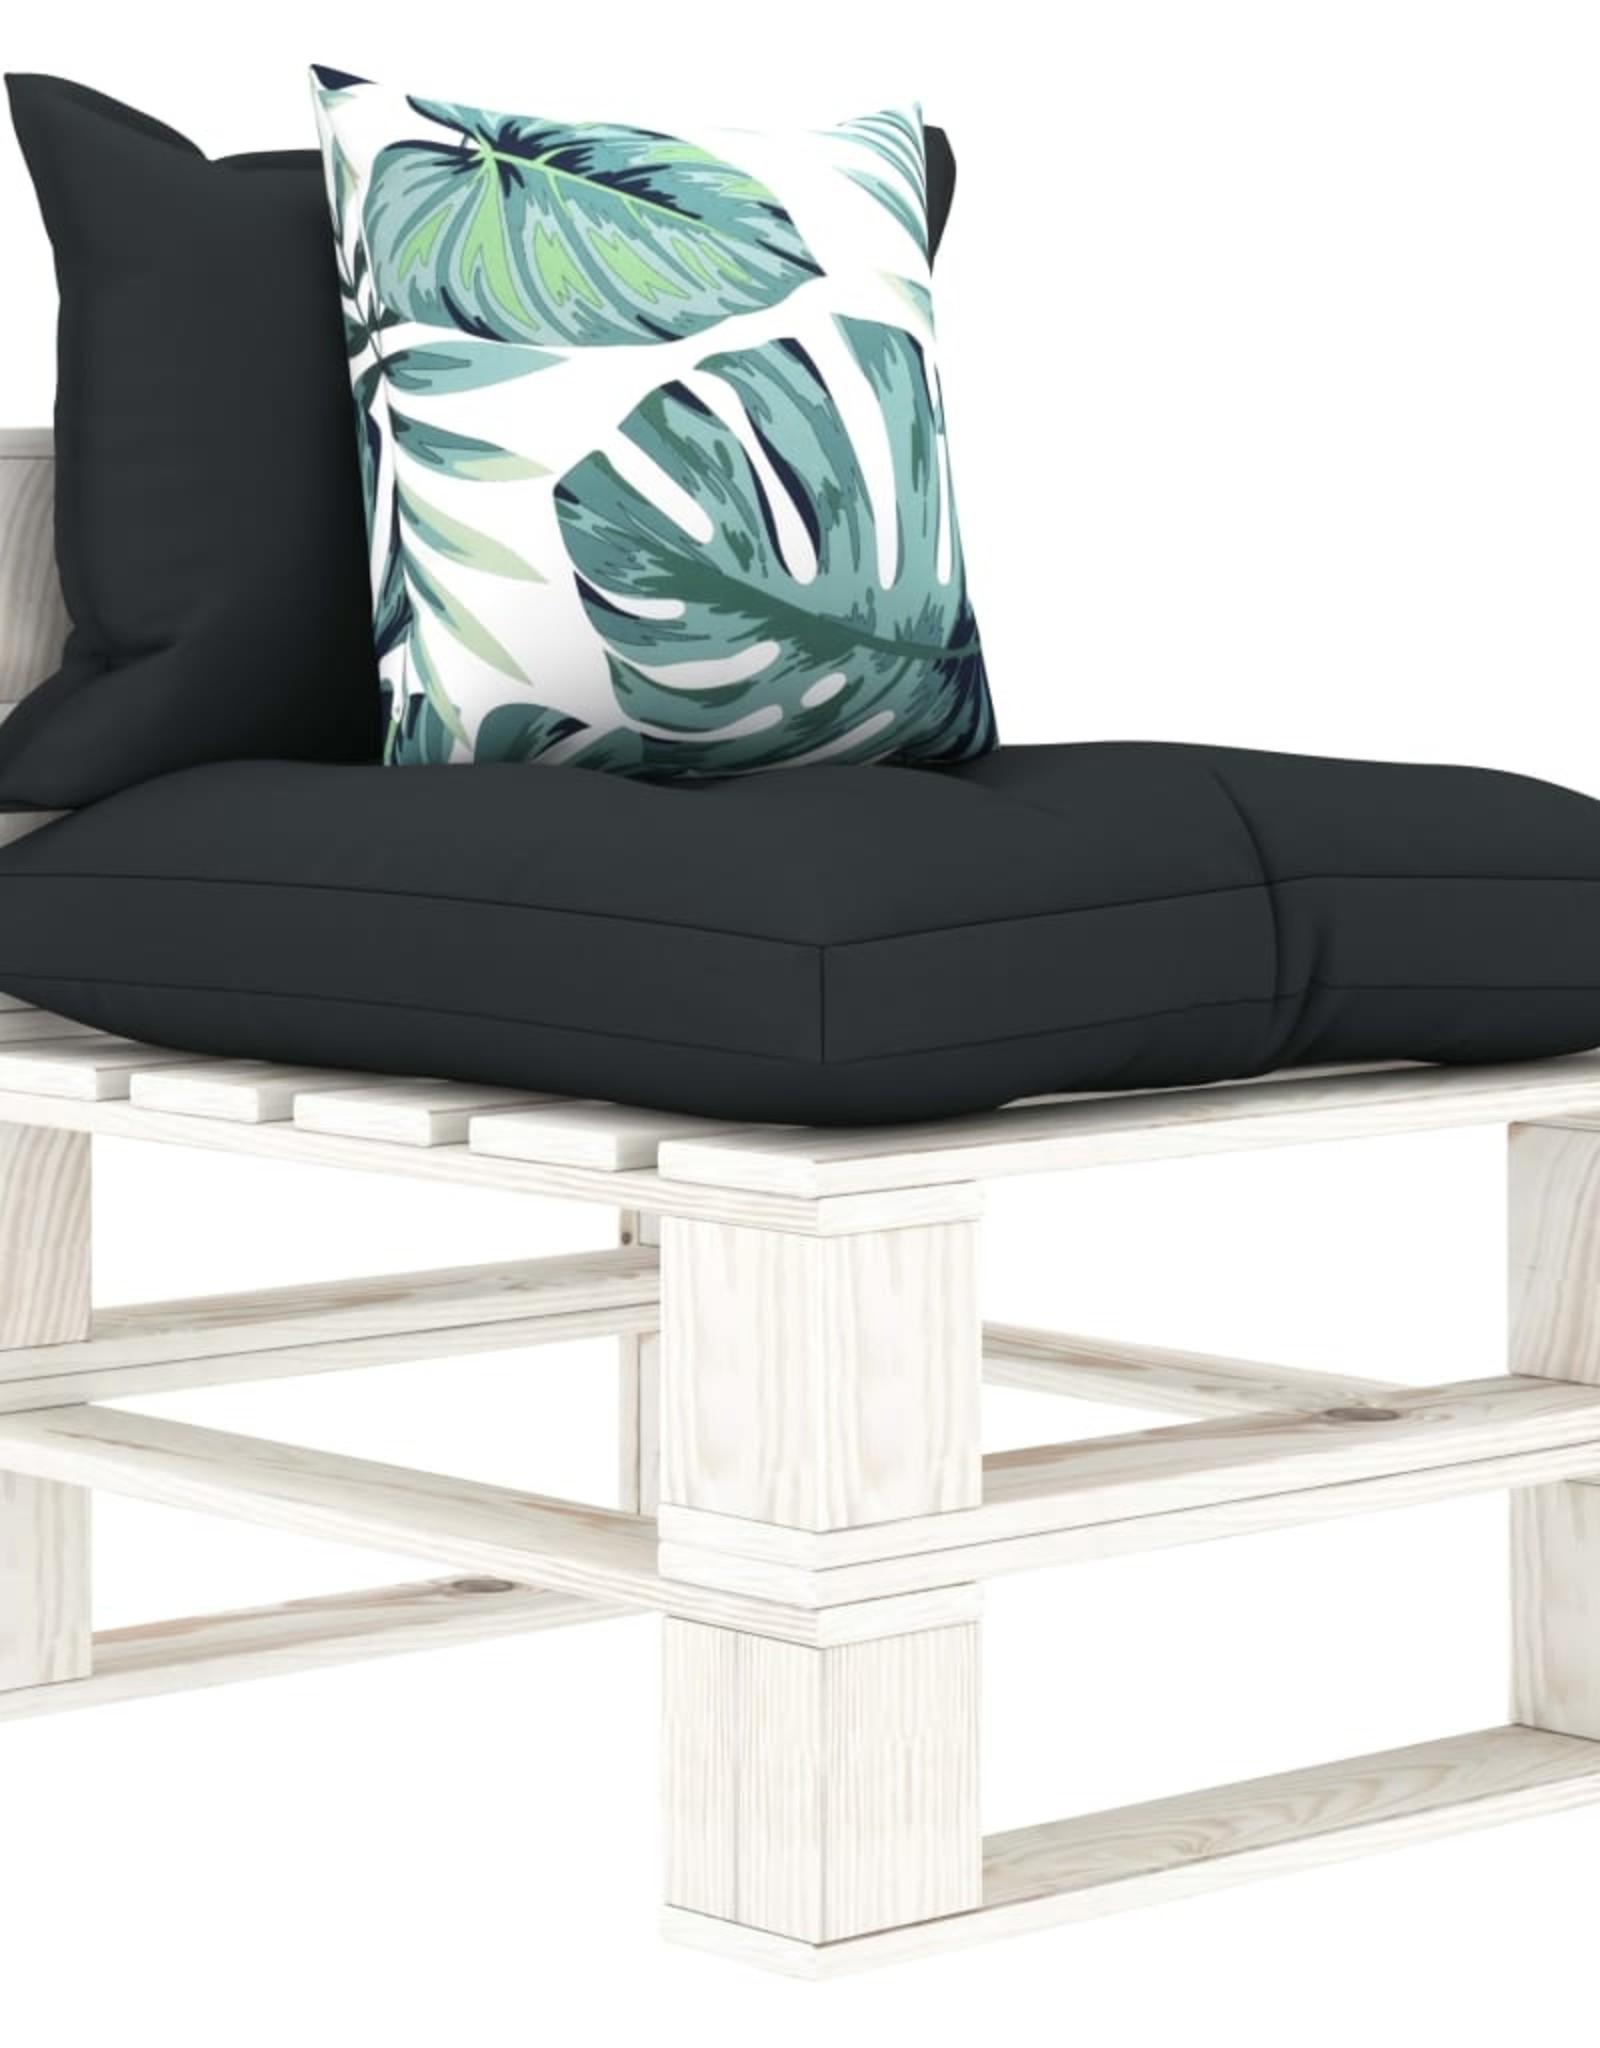 5-delige Loungeset met antraciet en bloemenkussens pallet hout